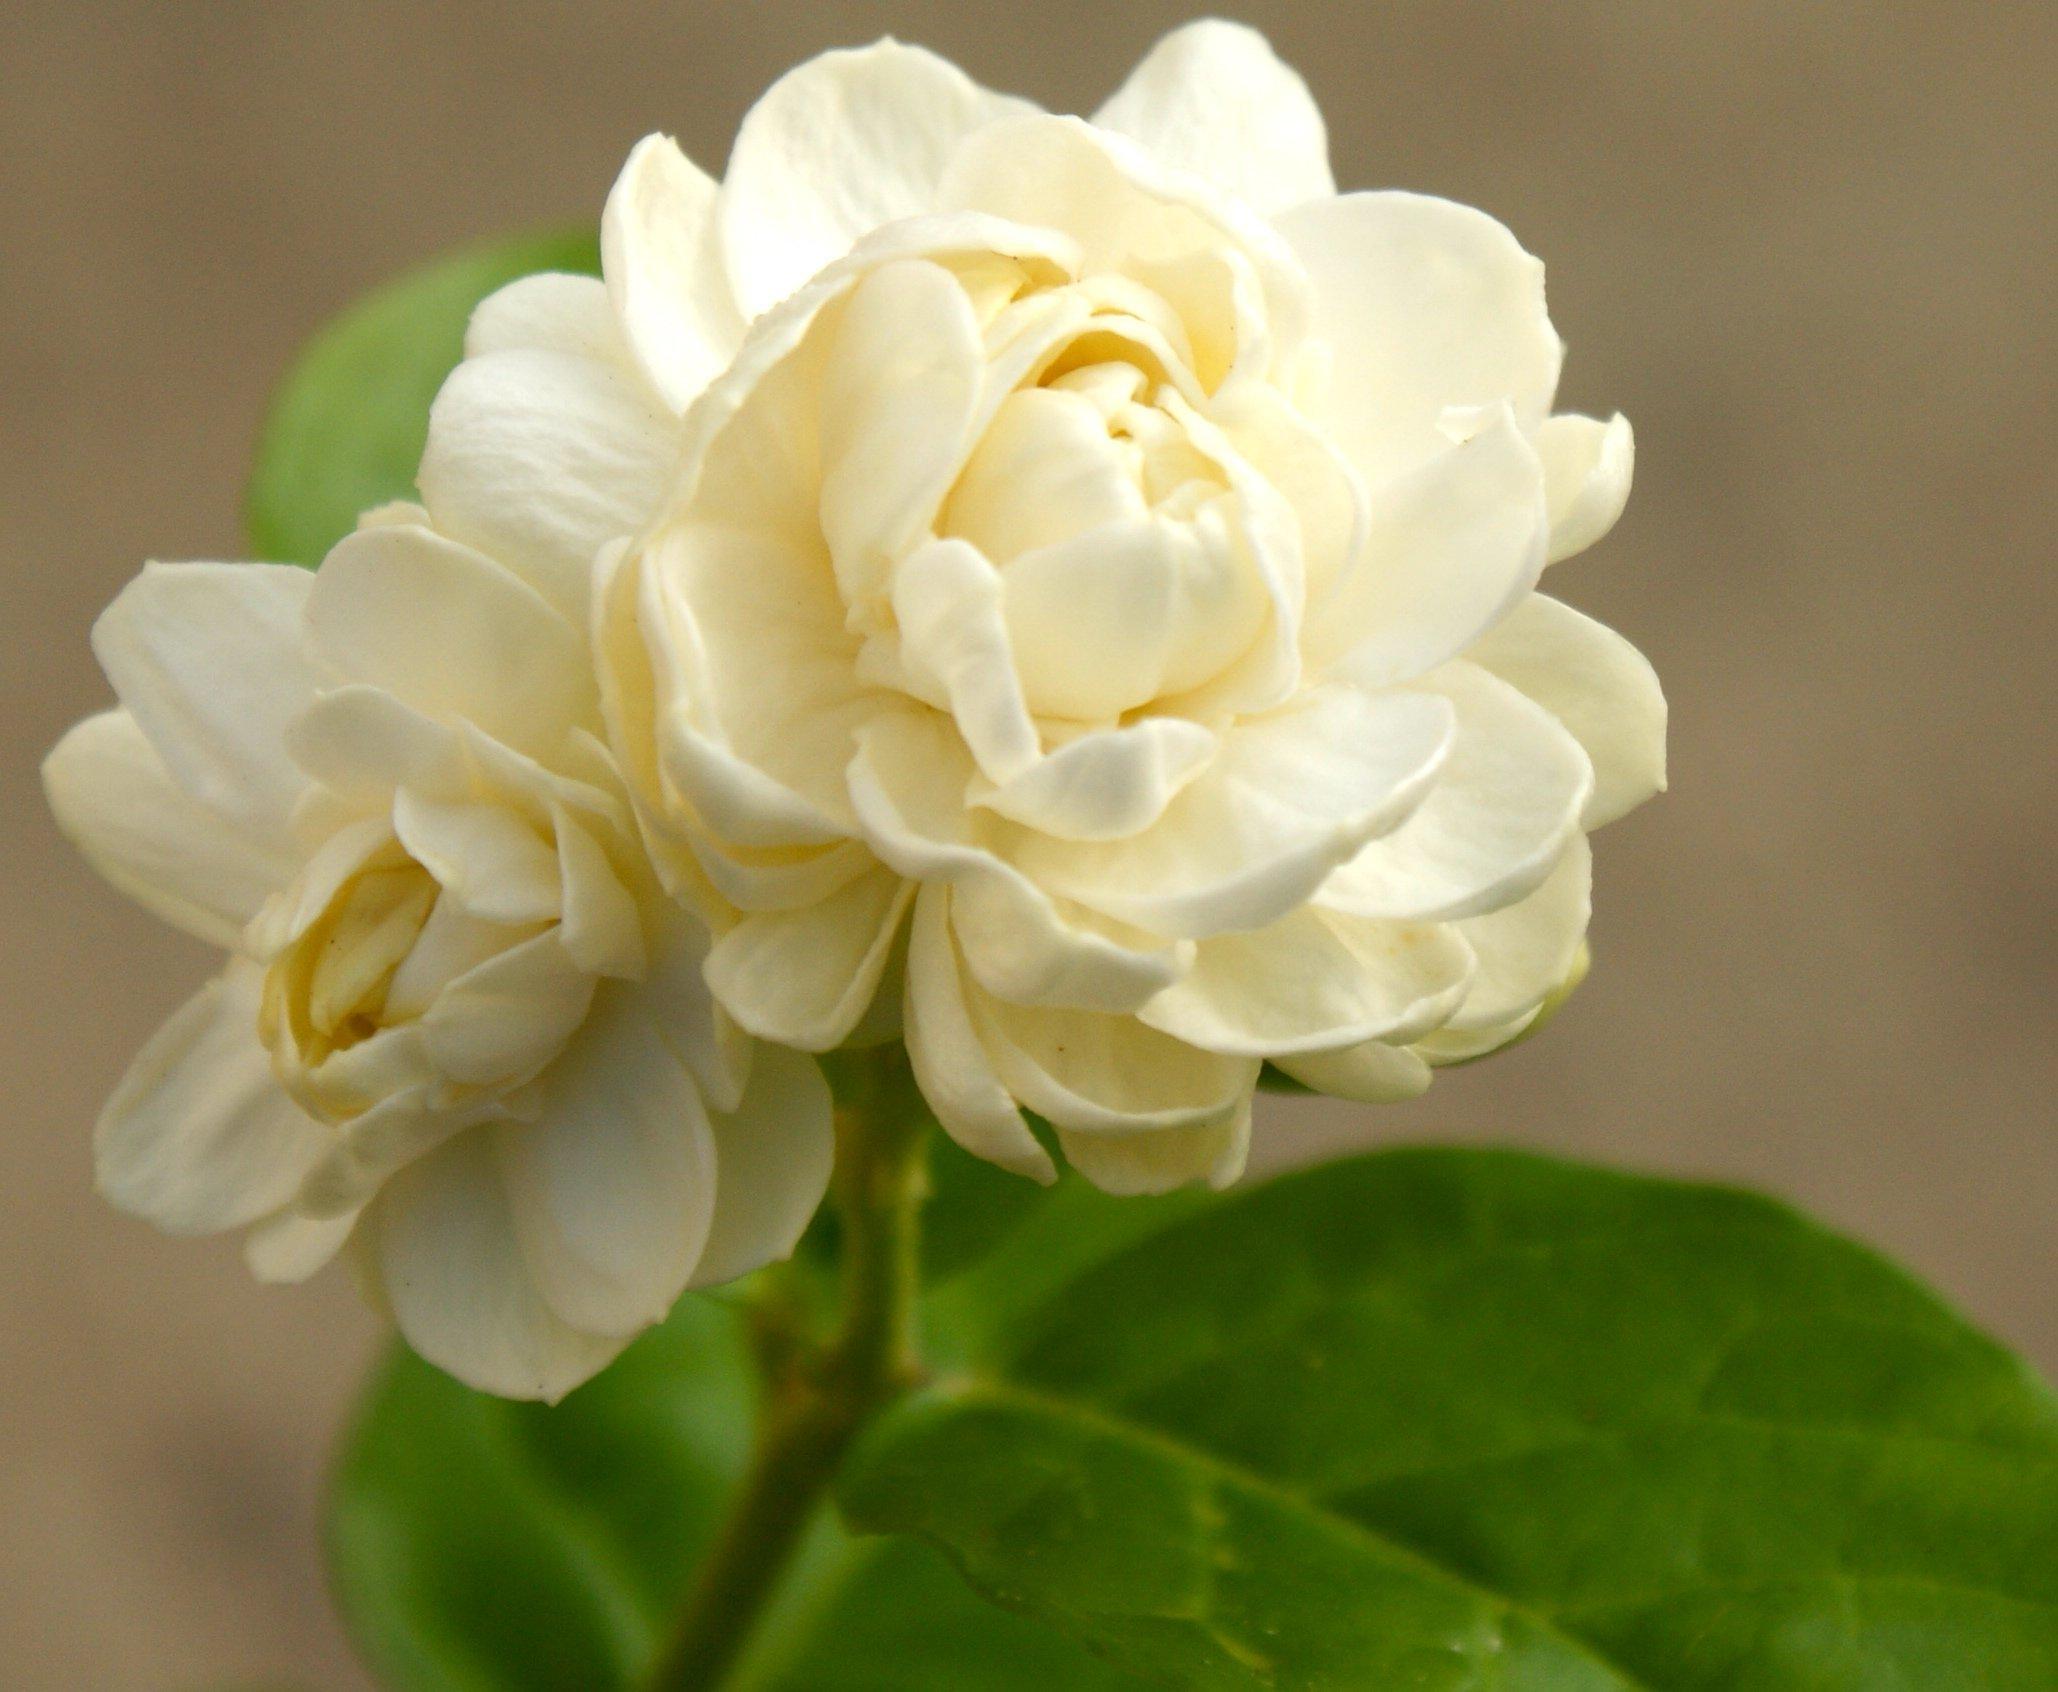 Jasminum Sambac Jasmine 'Grand Duke of Tuscany' ~ Live Plant